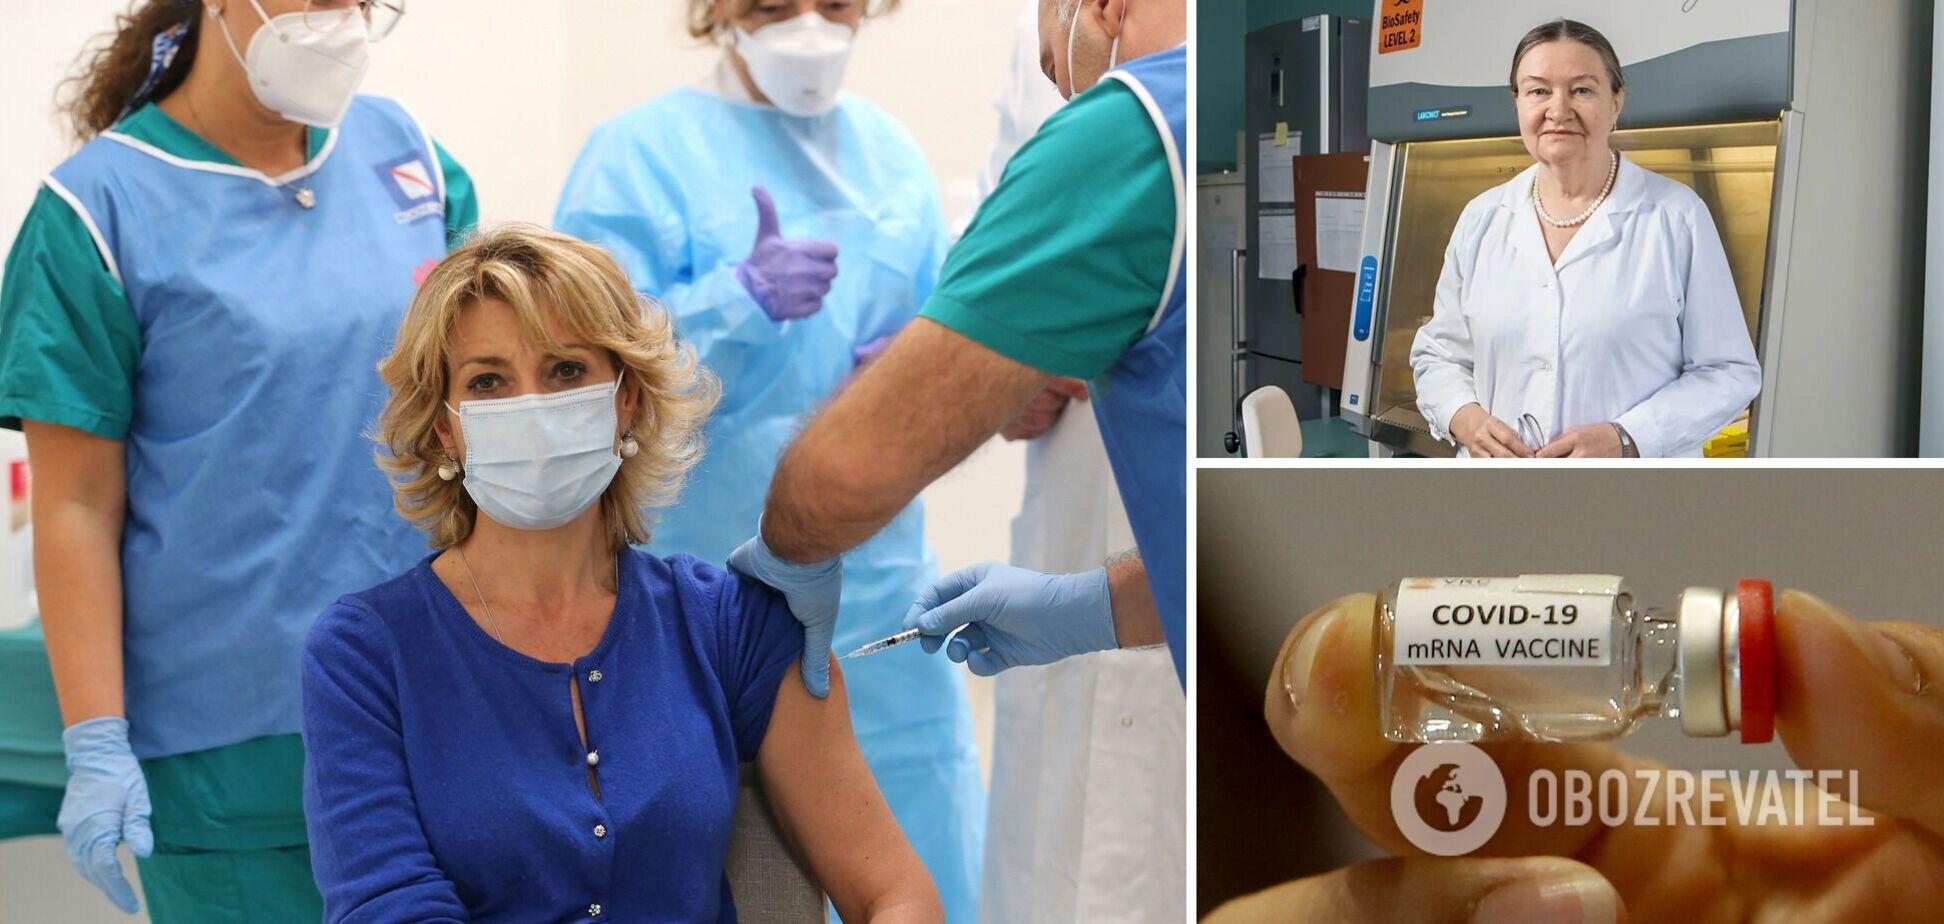 Краще вакцинуватися чи вистачить маски? Лікарка пояснила важливі нюанси